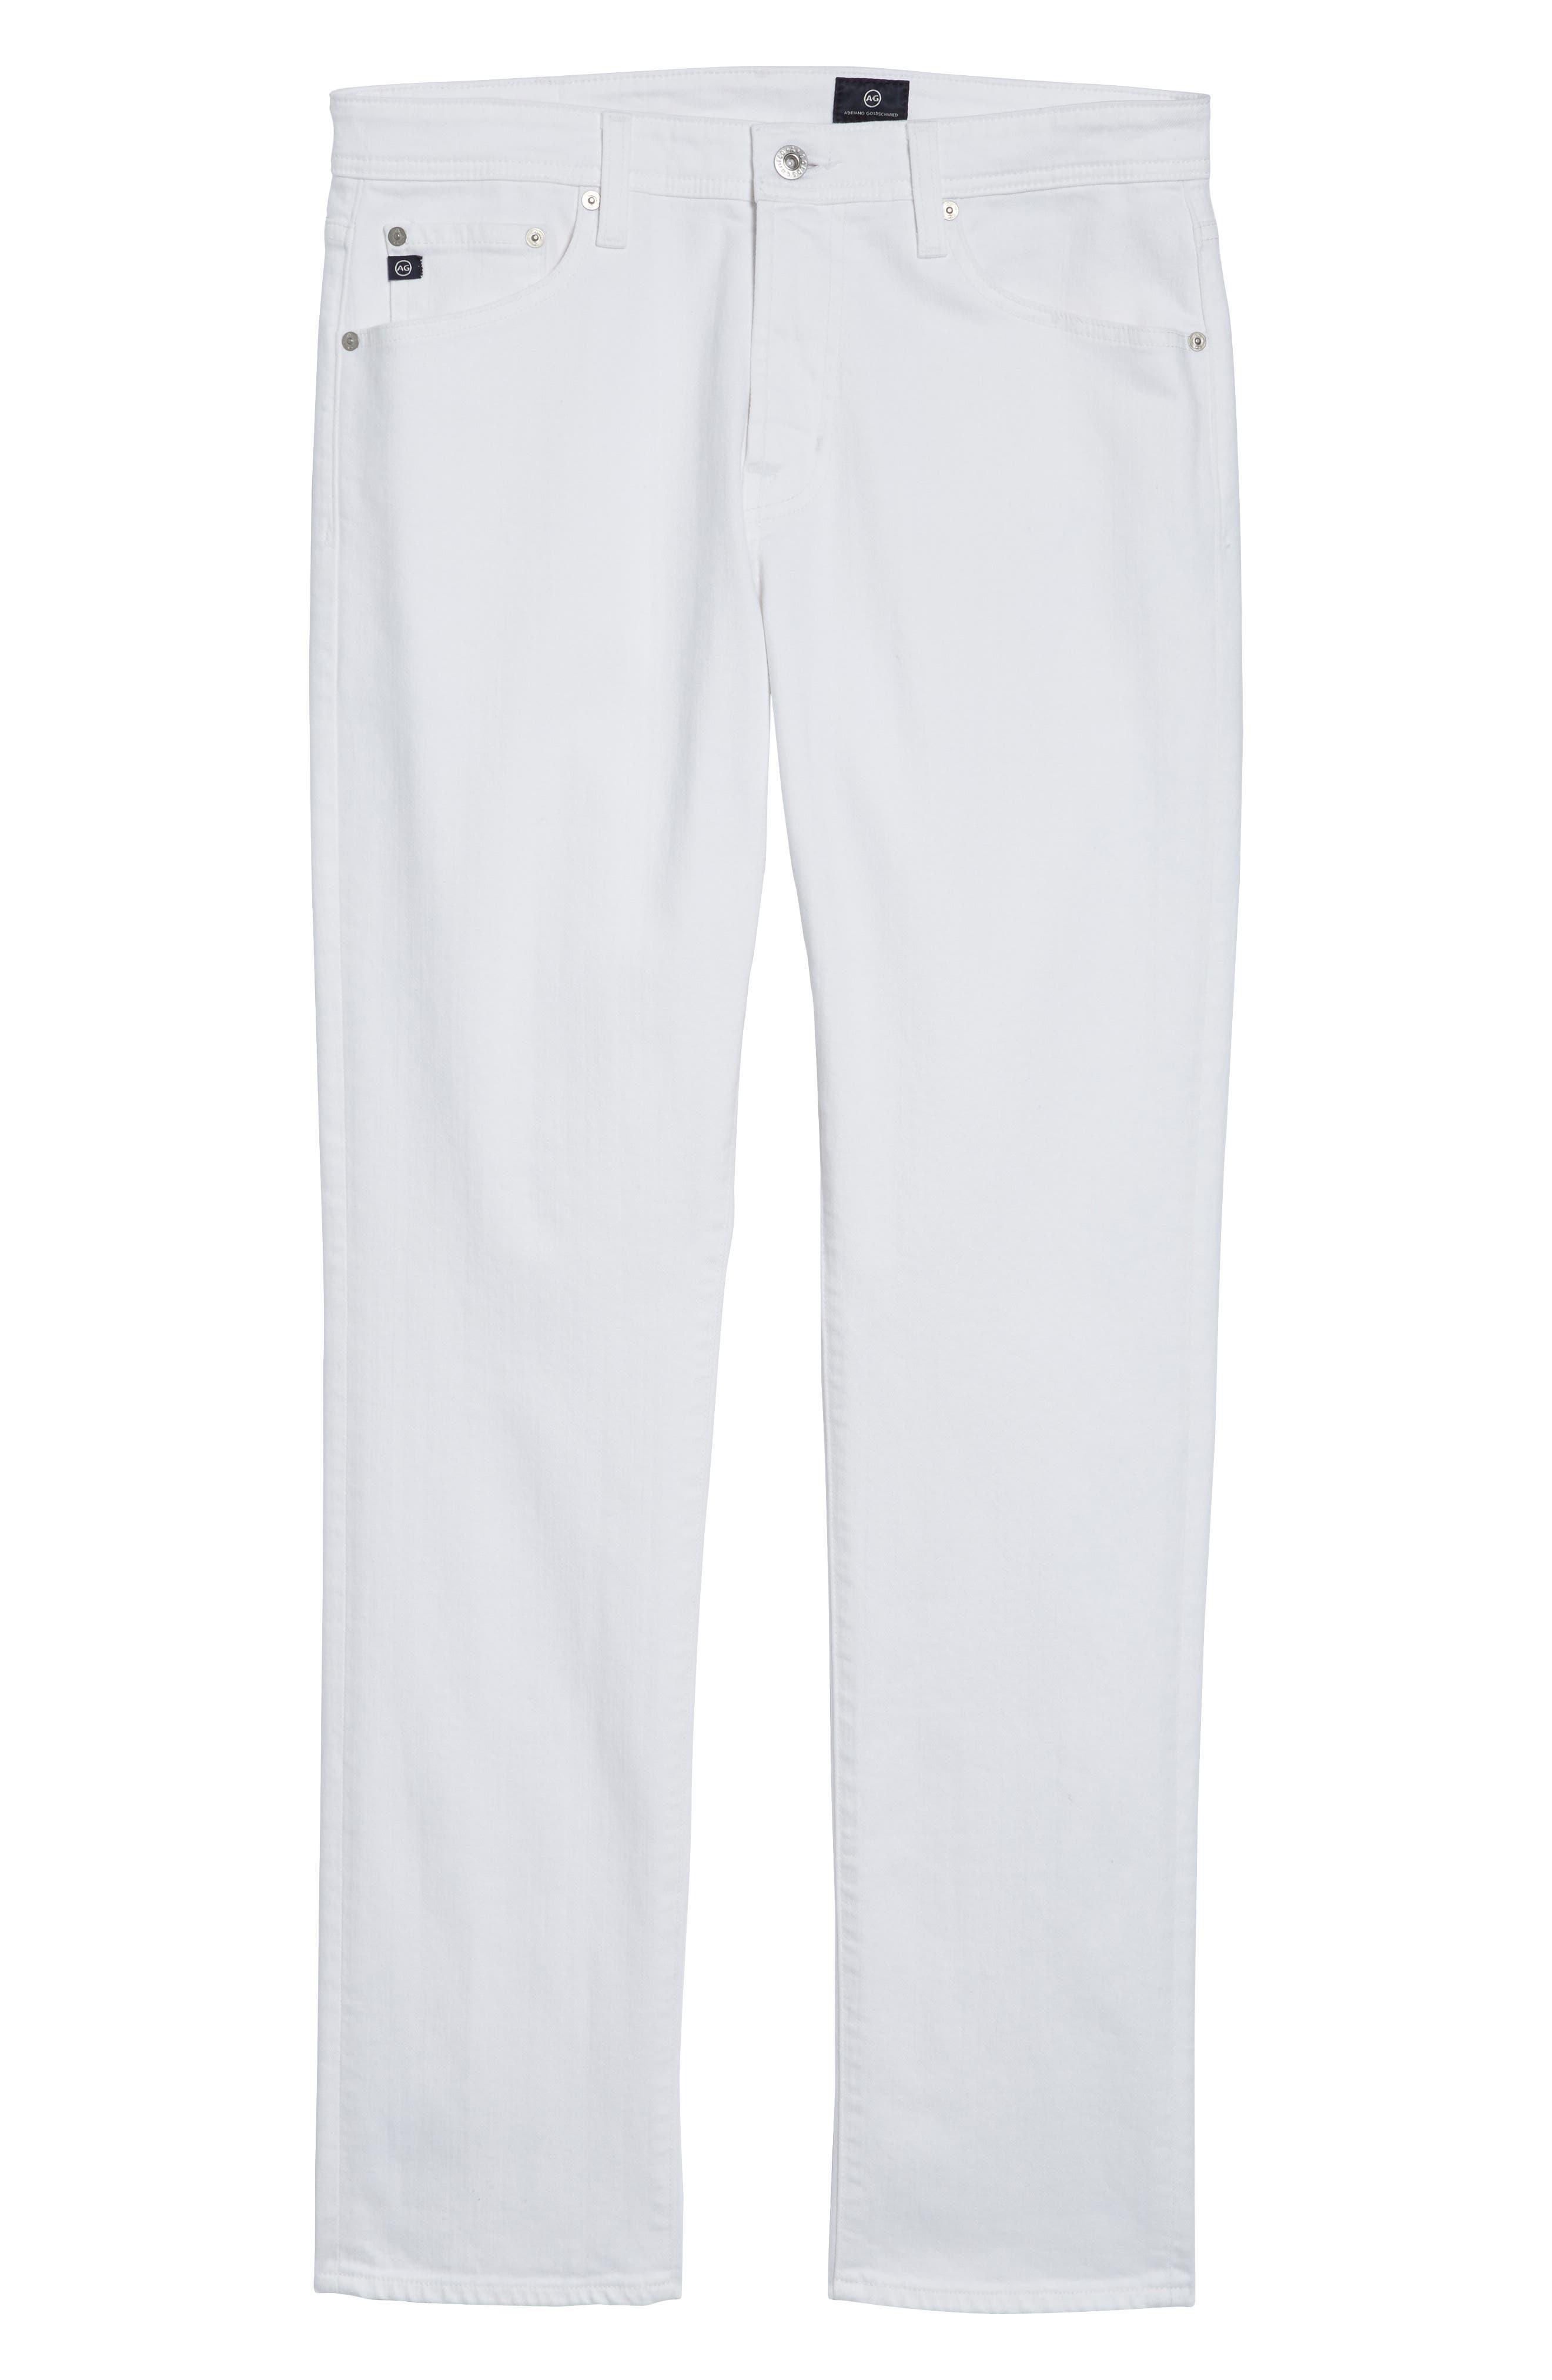 Everett Slim Straight Leg Jeans,                             Alternate thumbnail 6, color,                             White